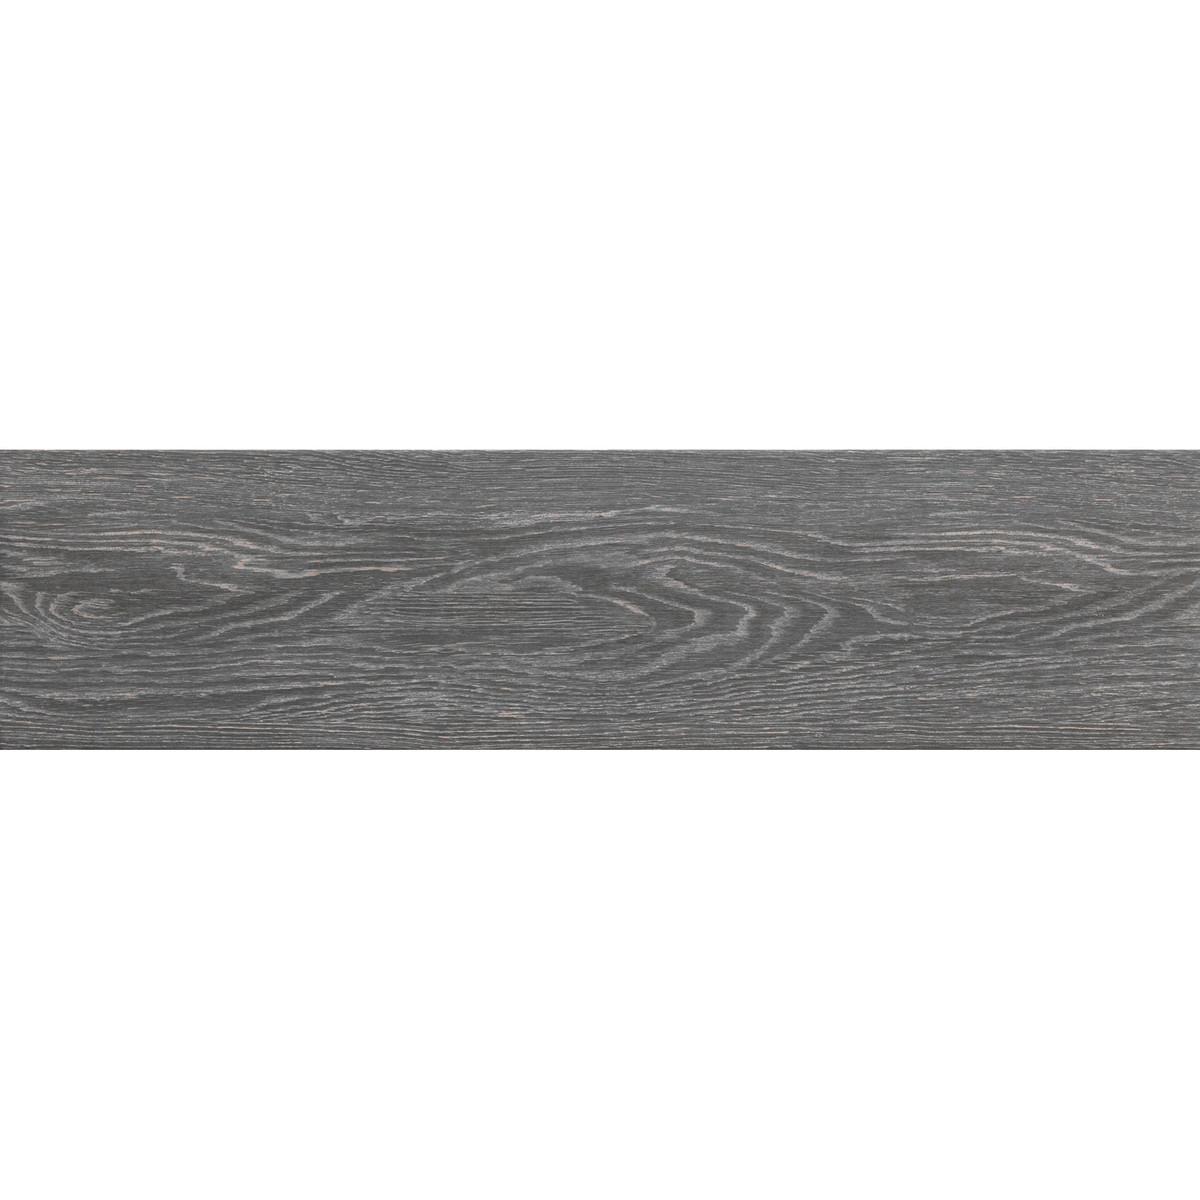 Piastrella griglia pavimento salvaprato in pvc - Leroy merlin cheque regalo ...